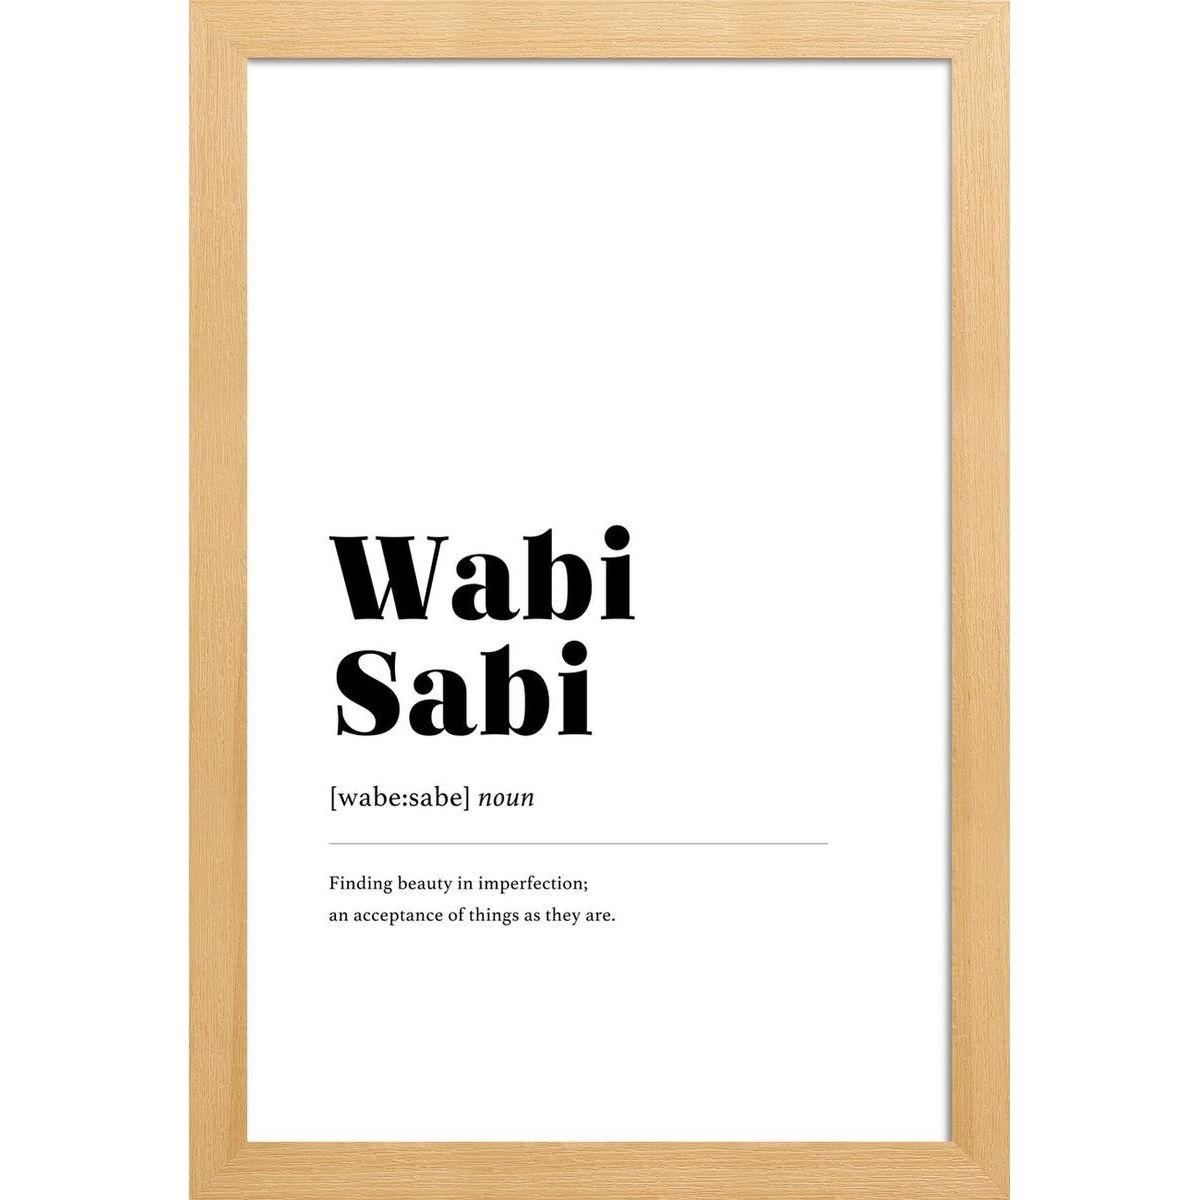 Une affiche wabi-sabi